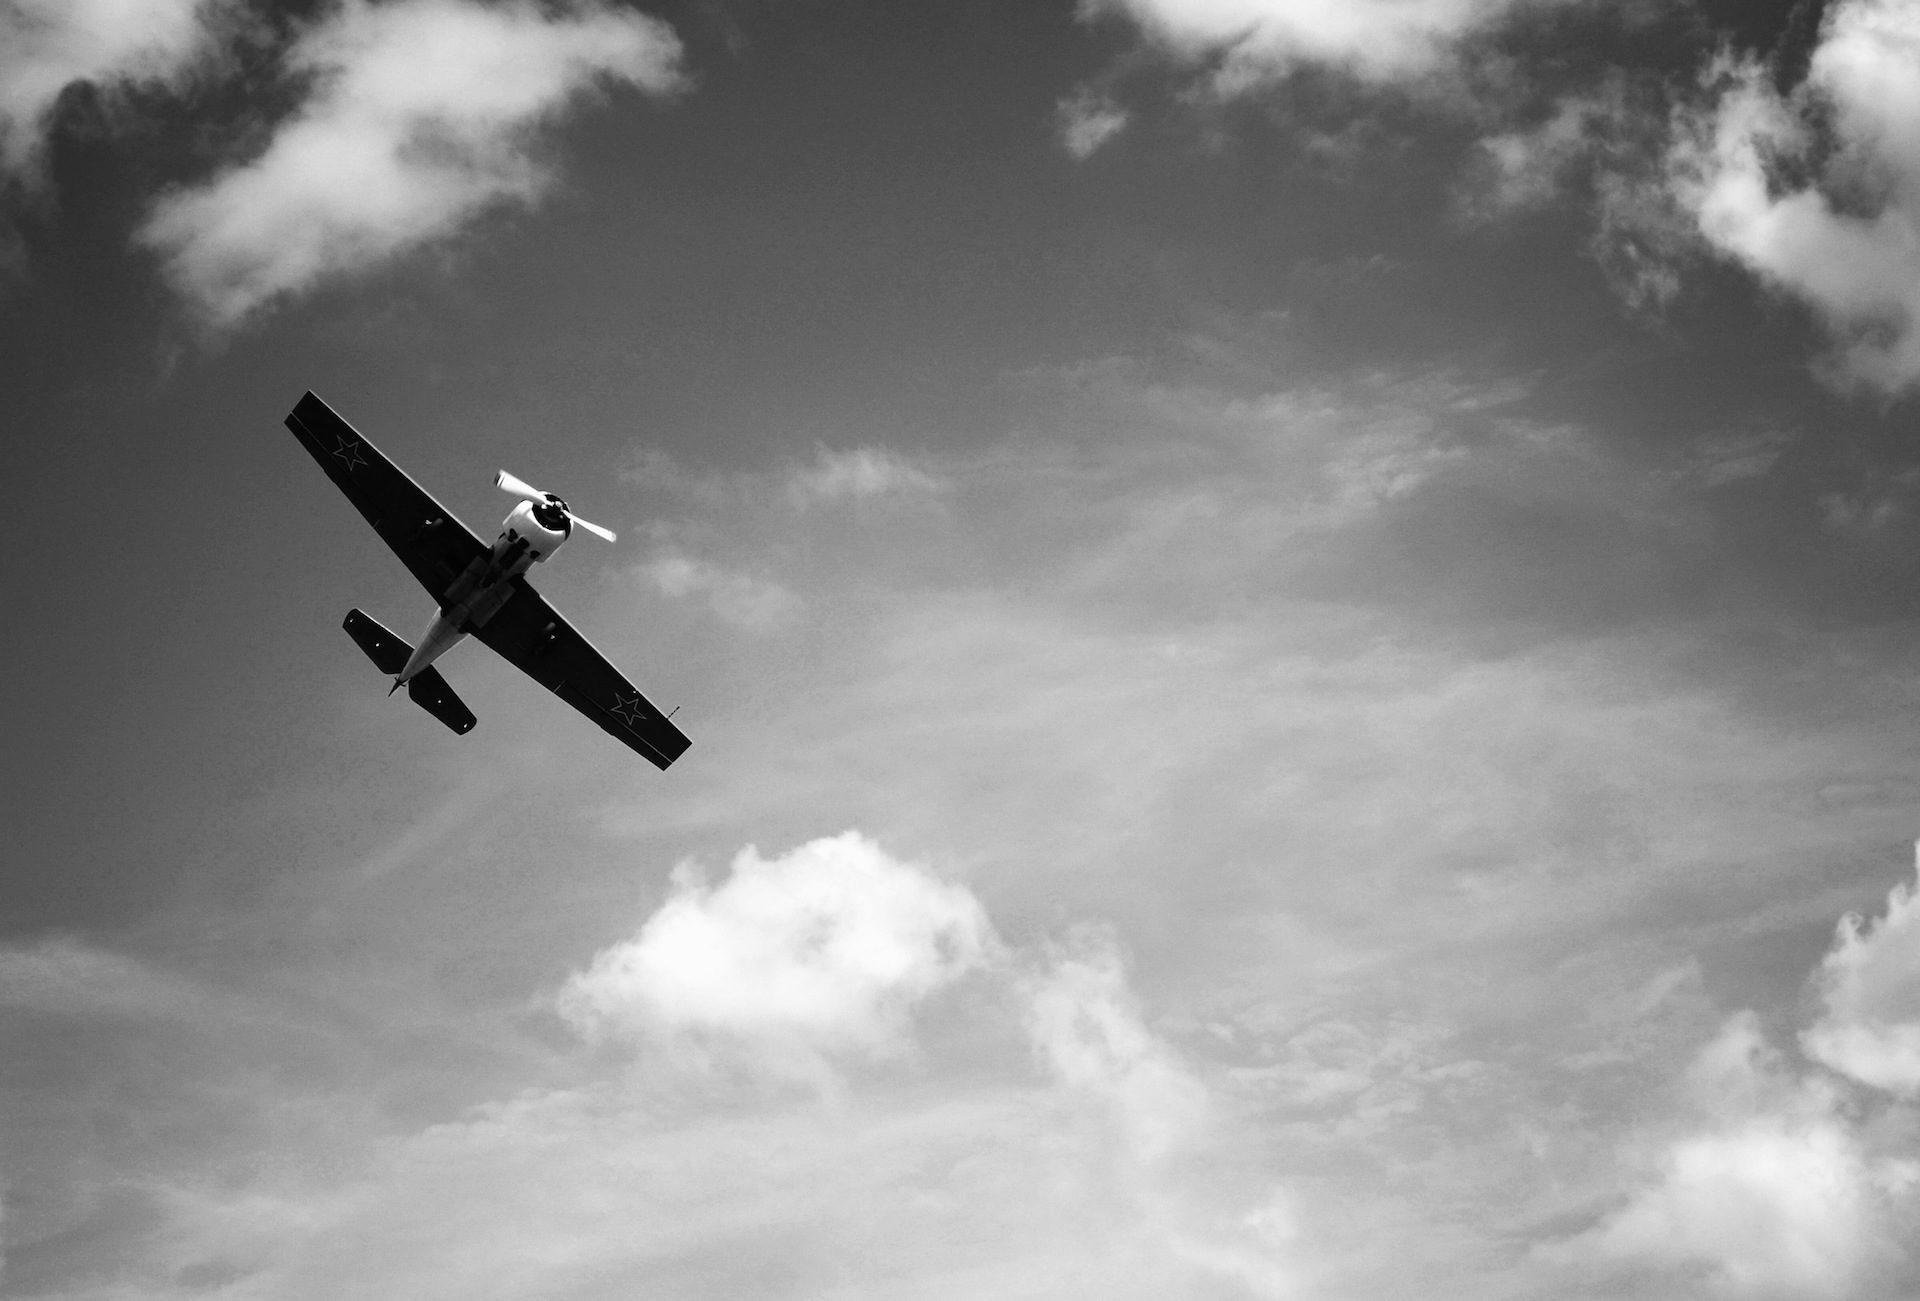 Sfondi aerei aeromobili volare cielo in bianco e nero for Sfondi bianco e nero tumblr